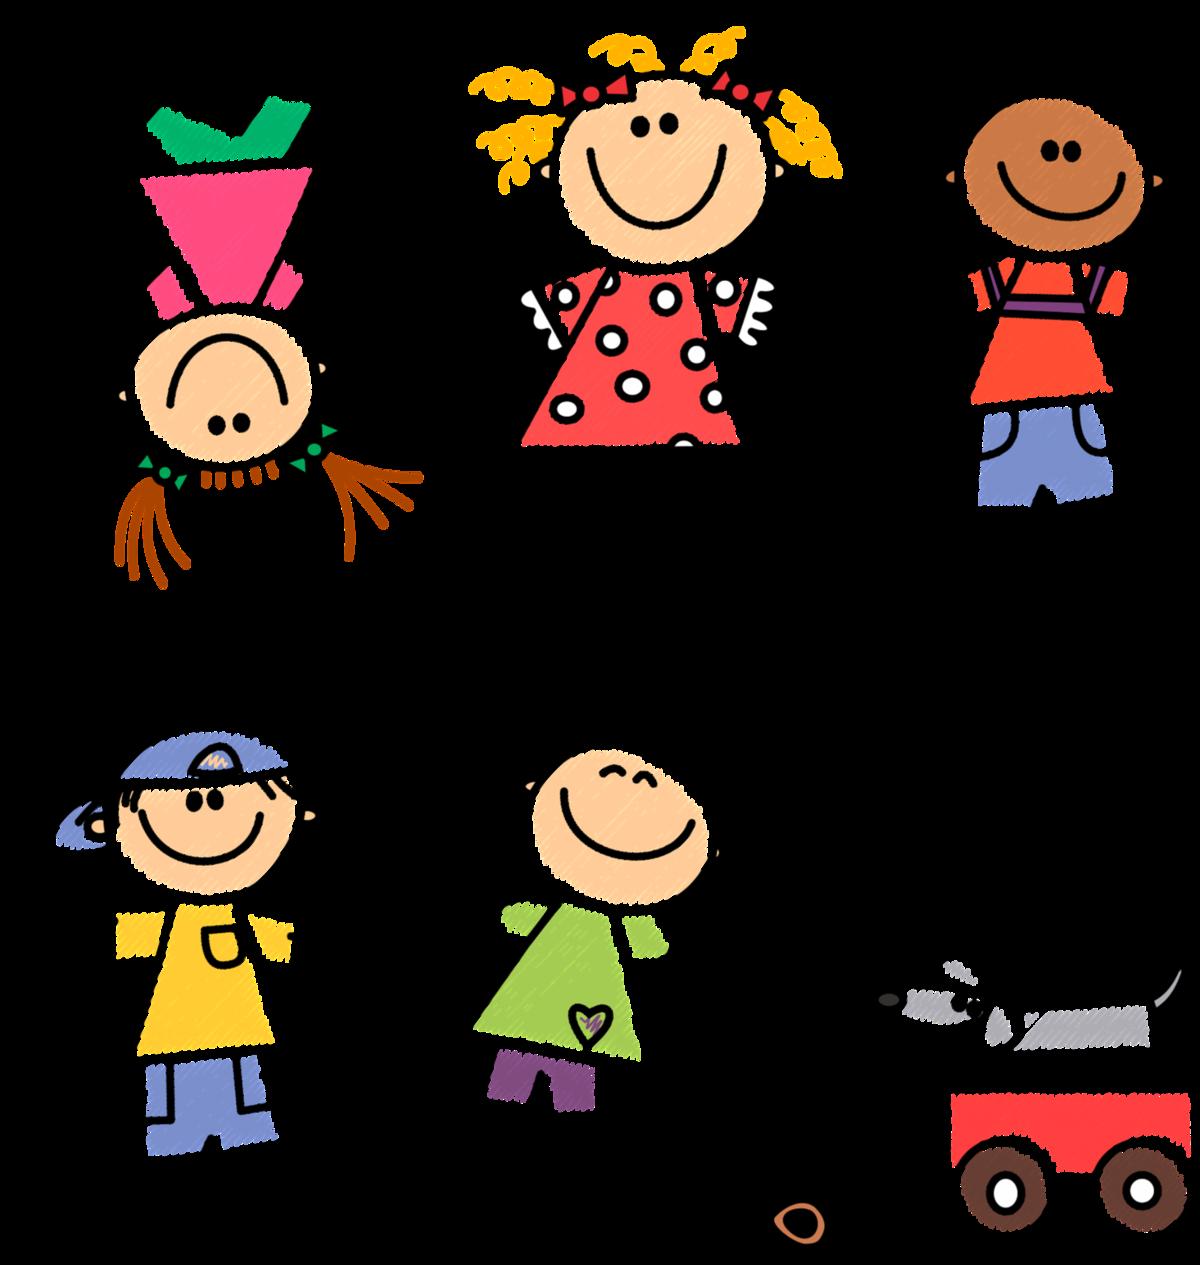 Картинка смешные человечки для детей, видео